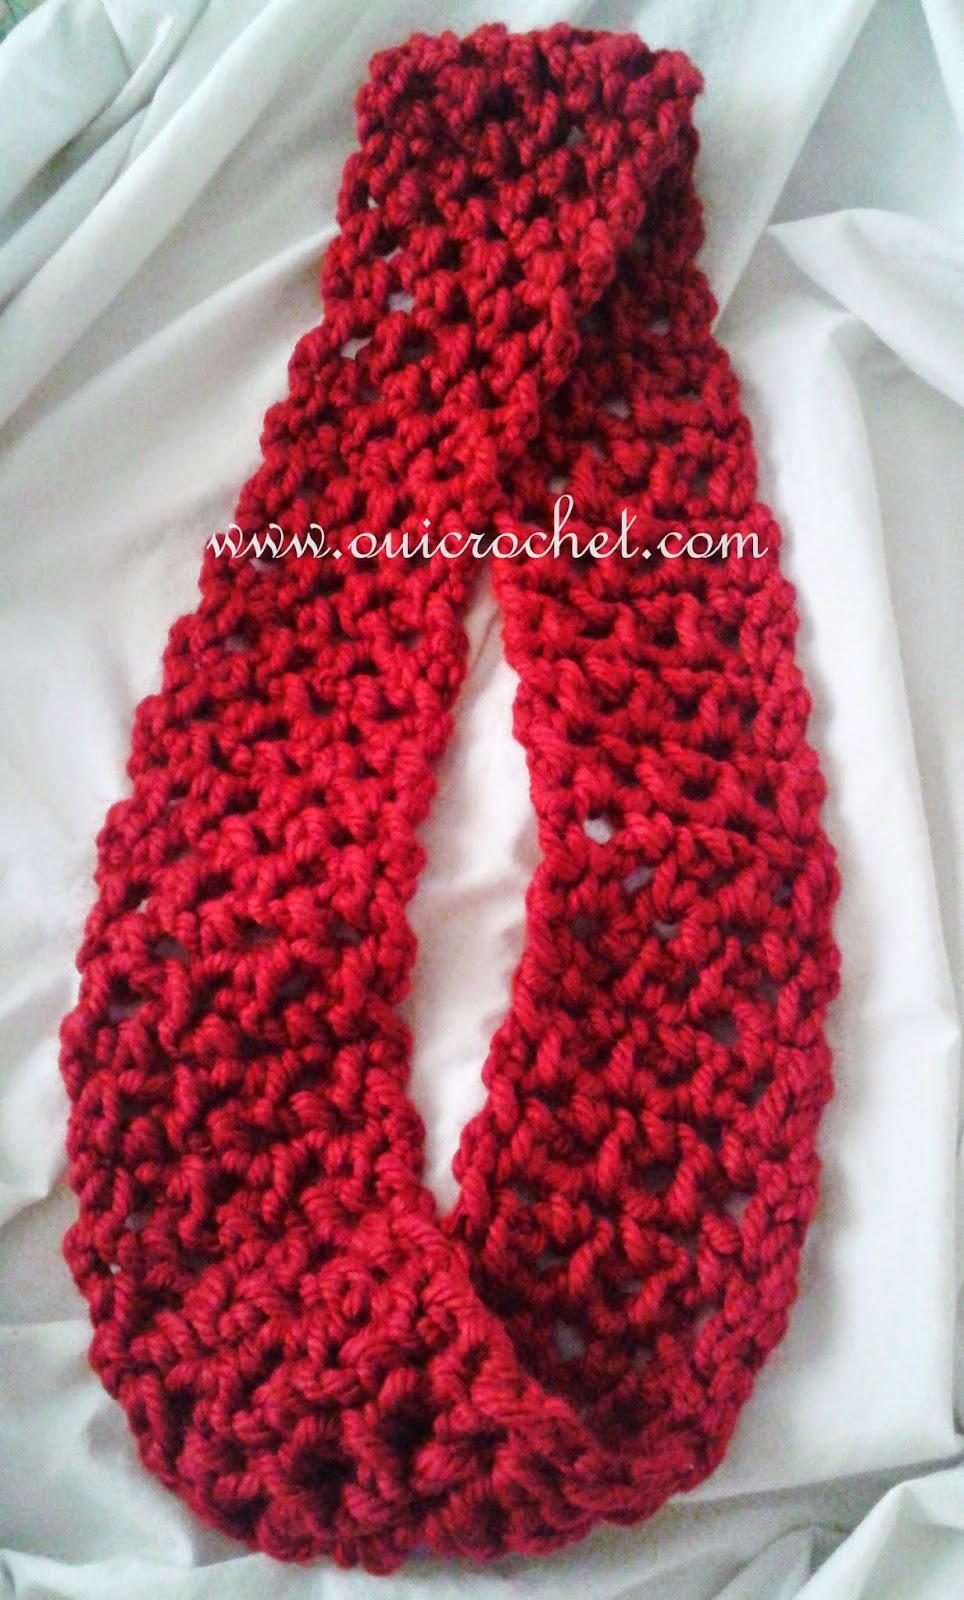 Crochet, Free Crochet Pattern, Crochet Scarf, Crochet Infinity Scarf, Quick Infinity Scarf, Super Bulky Yarn,